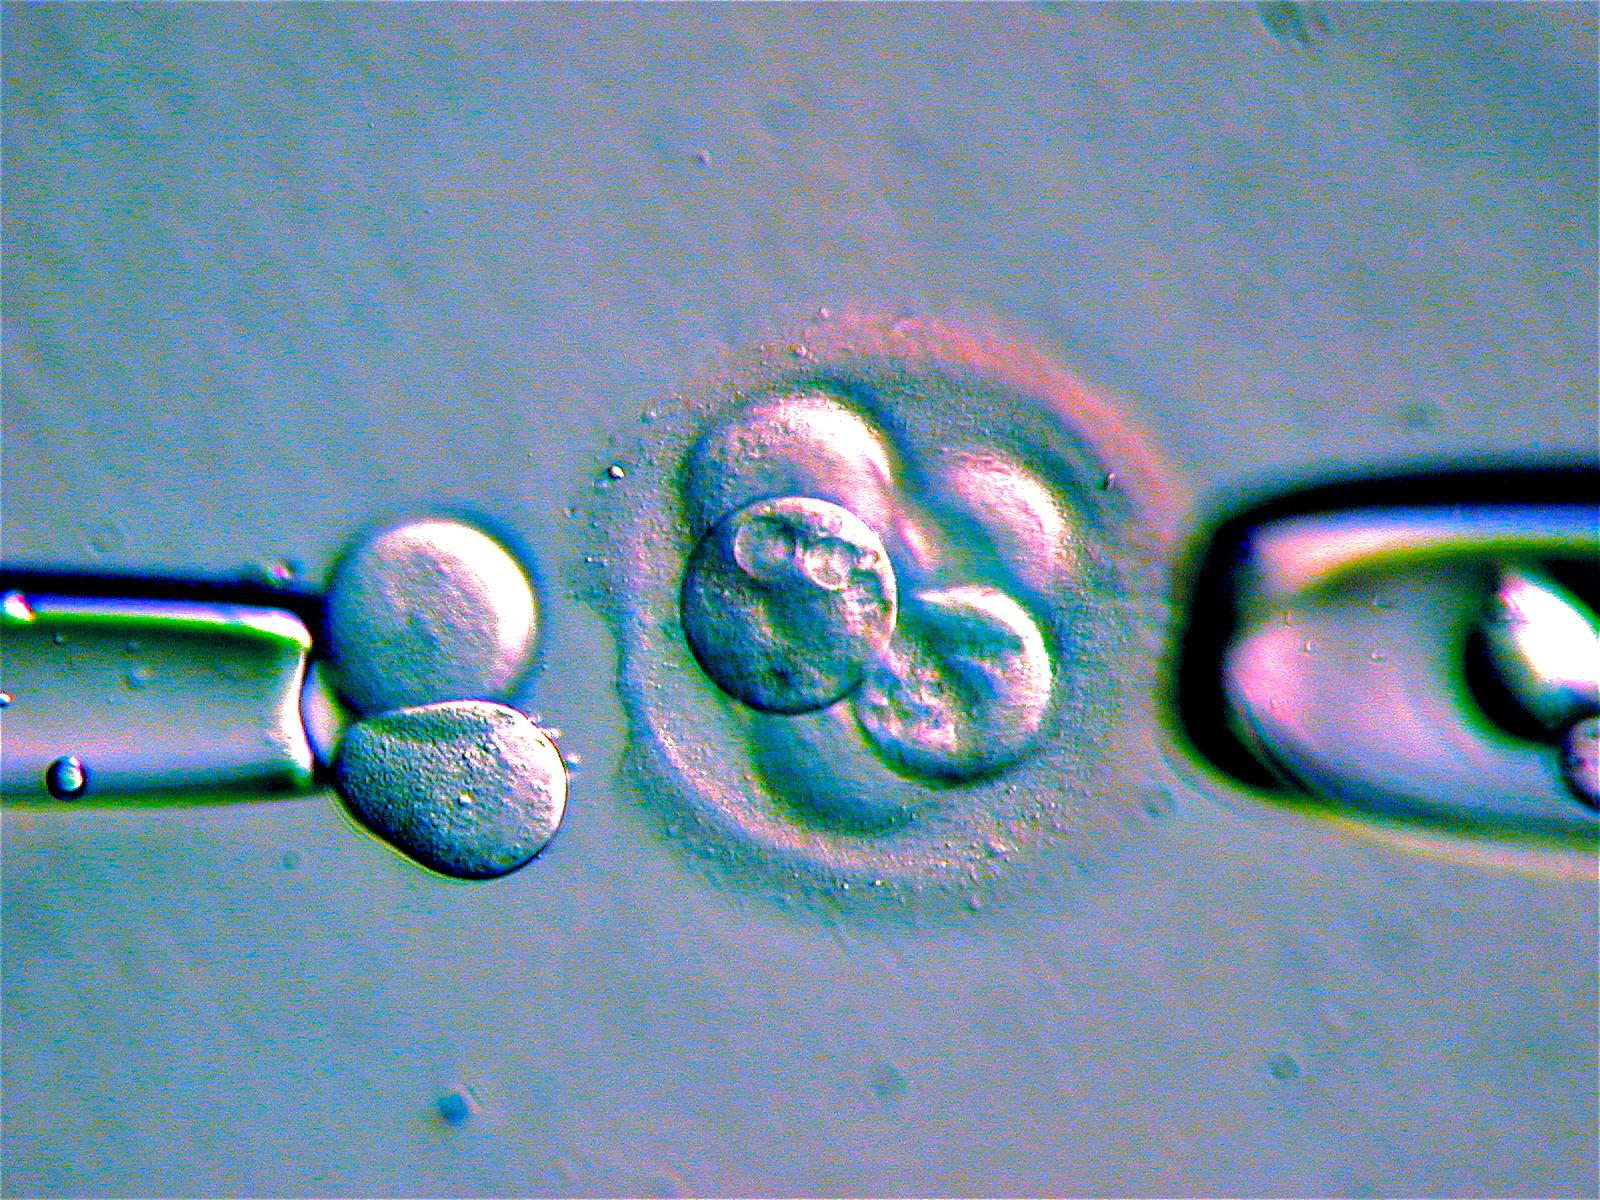 細胞分裂を繰り返す受精卵から細胞を搾取し、その染色体や遺伝子を分析する技術は夢ではなく確立された技術だ。